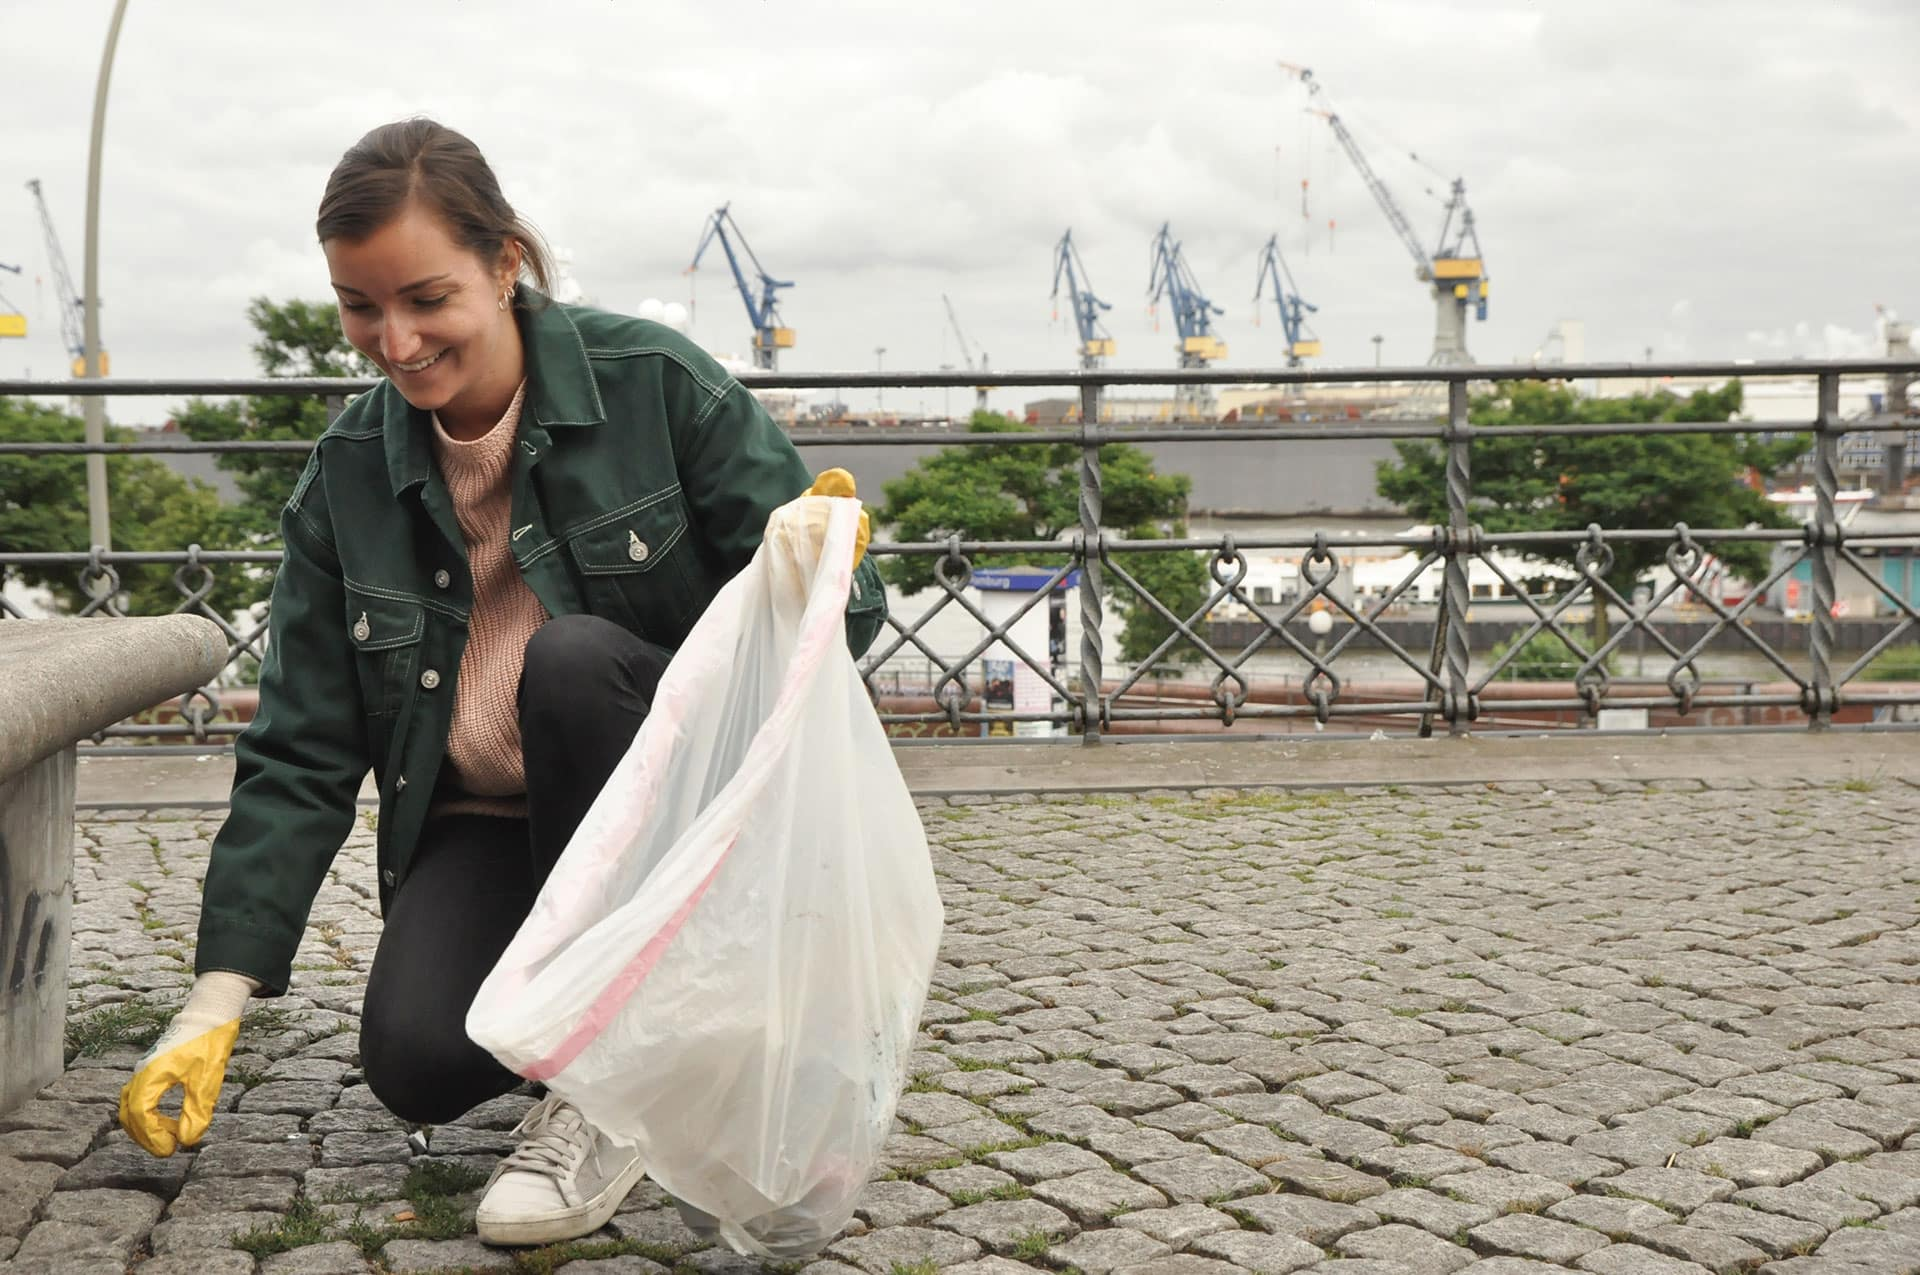 Oclean Hamburg - Für ein sauberes Hamburg: Oclean gegen Plastik